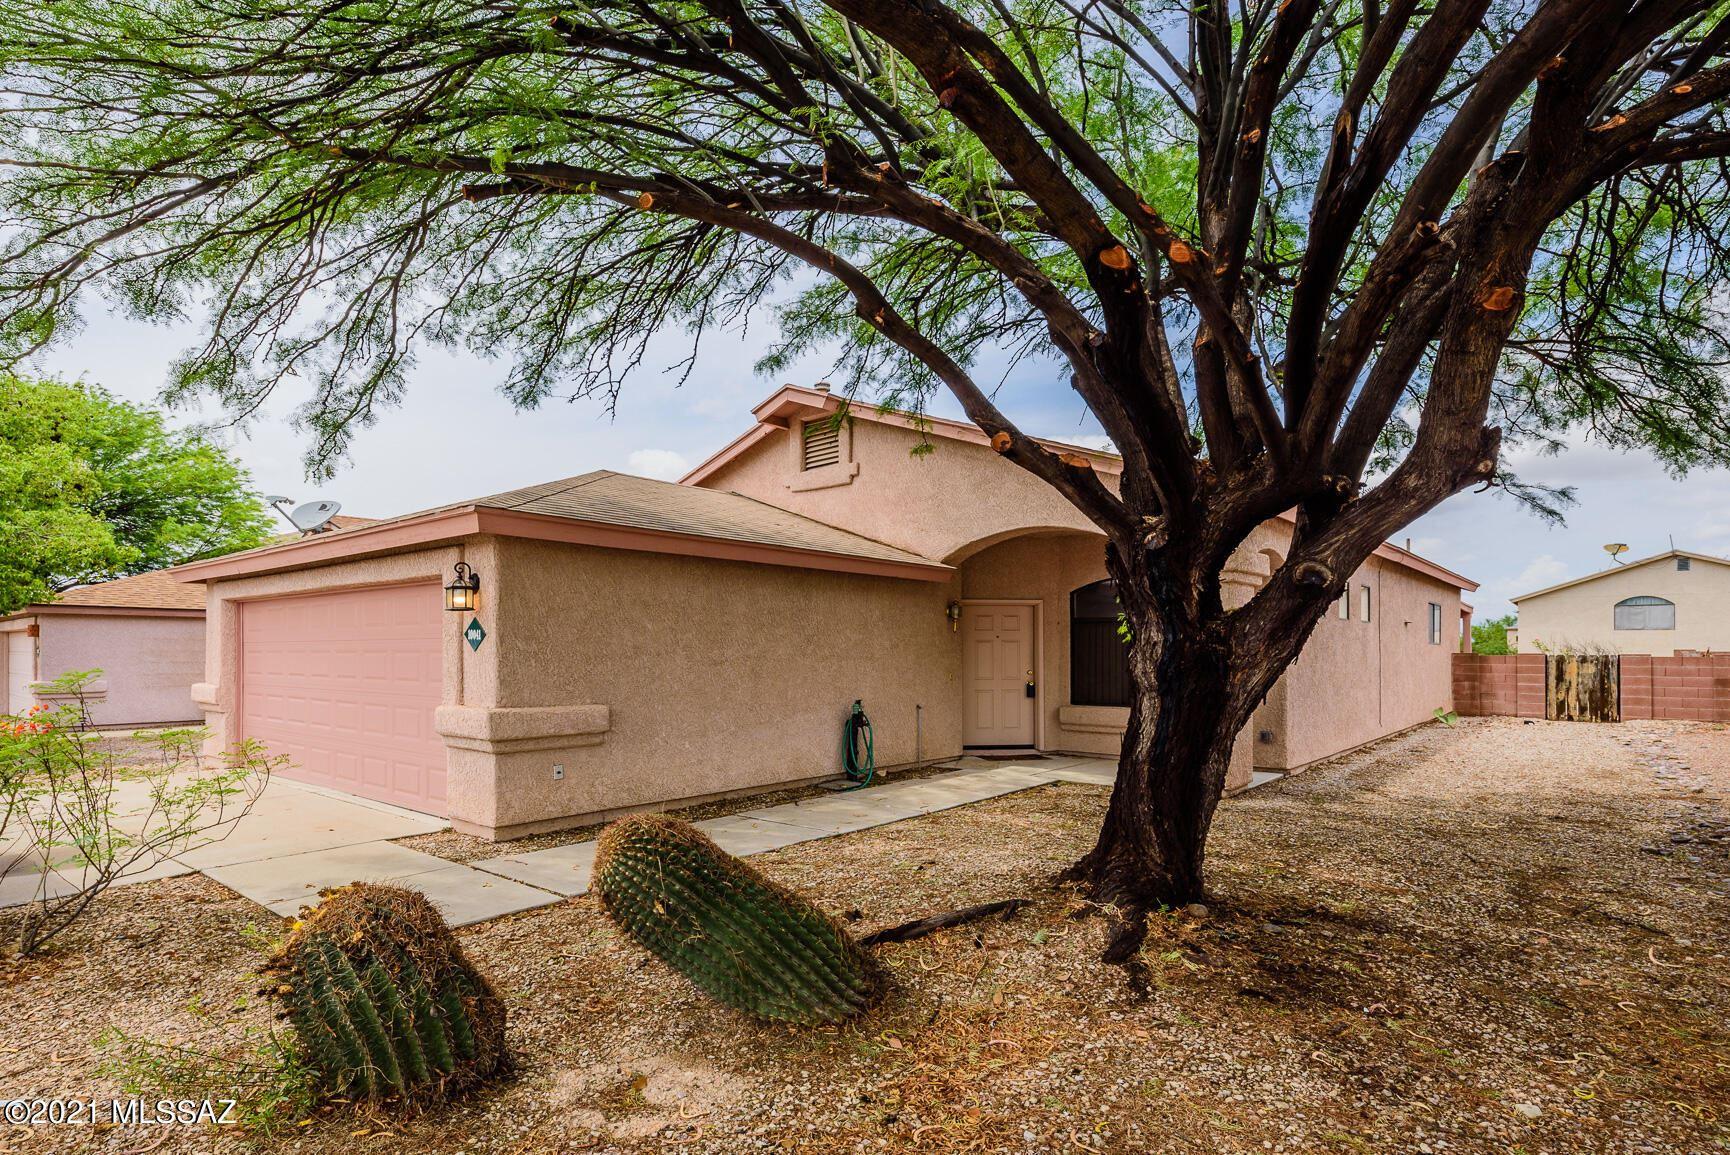 10041 E Via Del Pasto, Tucson, AZ 85747 - MLS#: 22118851